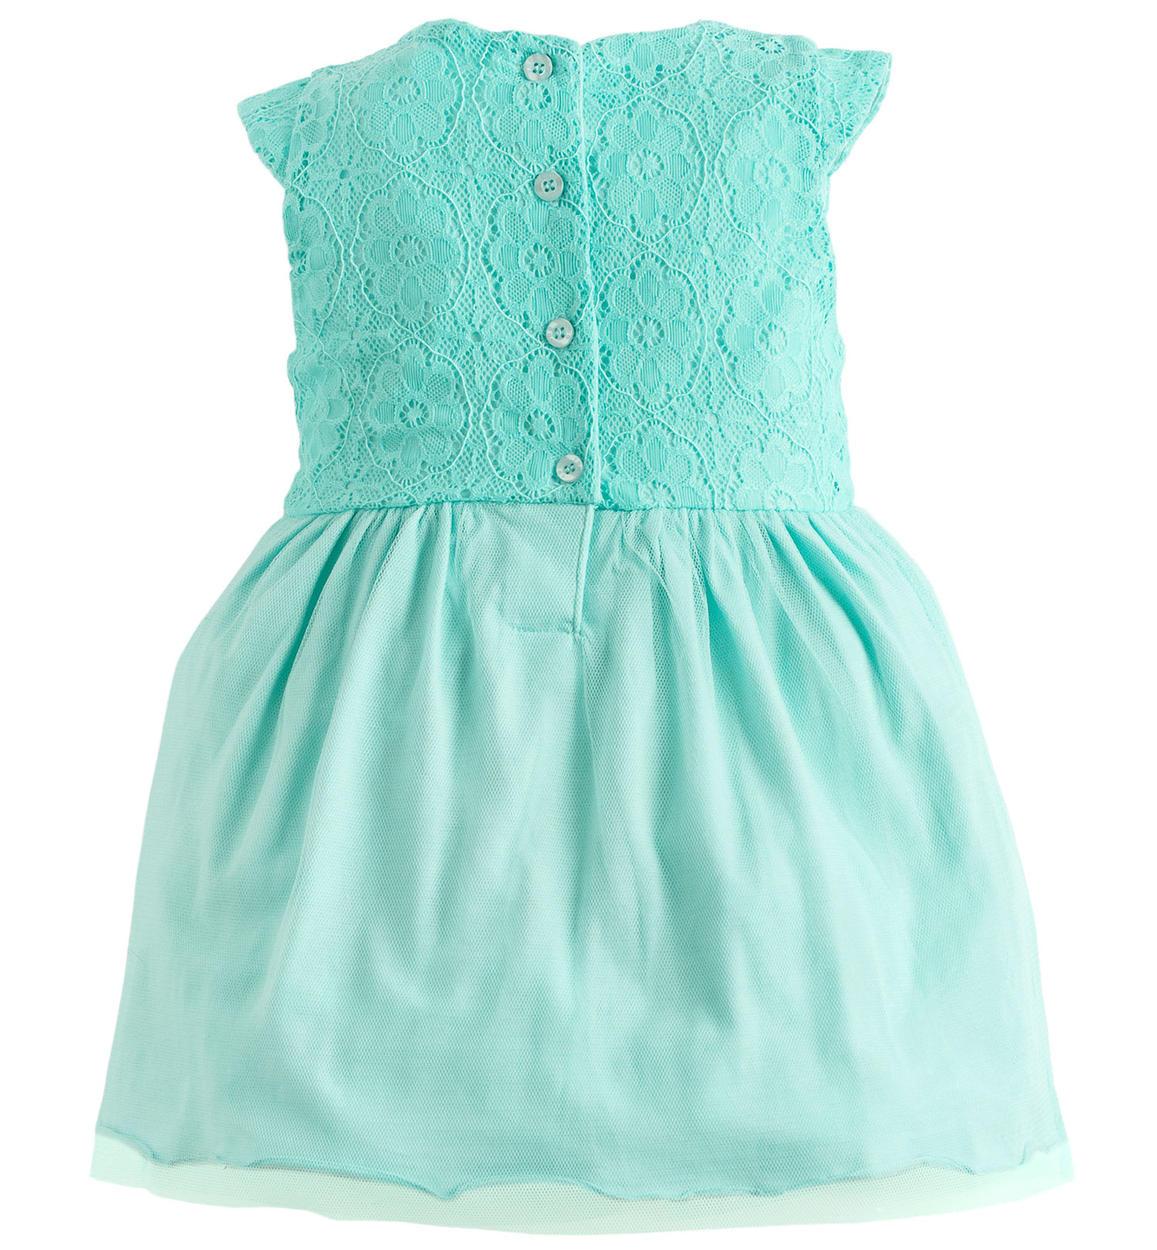 Vestiti Verde Tiffany Bambina.Vestitino Con Gioco Di Tessuti Tono Su Tono Per Bambina Da 6 A 36 Mesi Ido